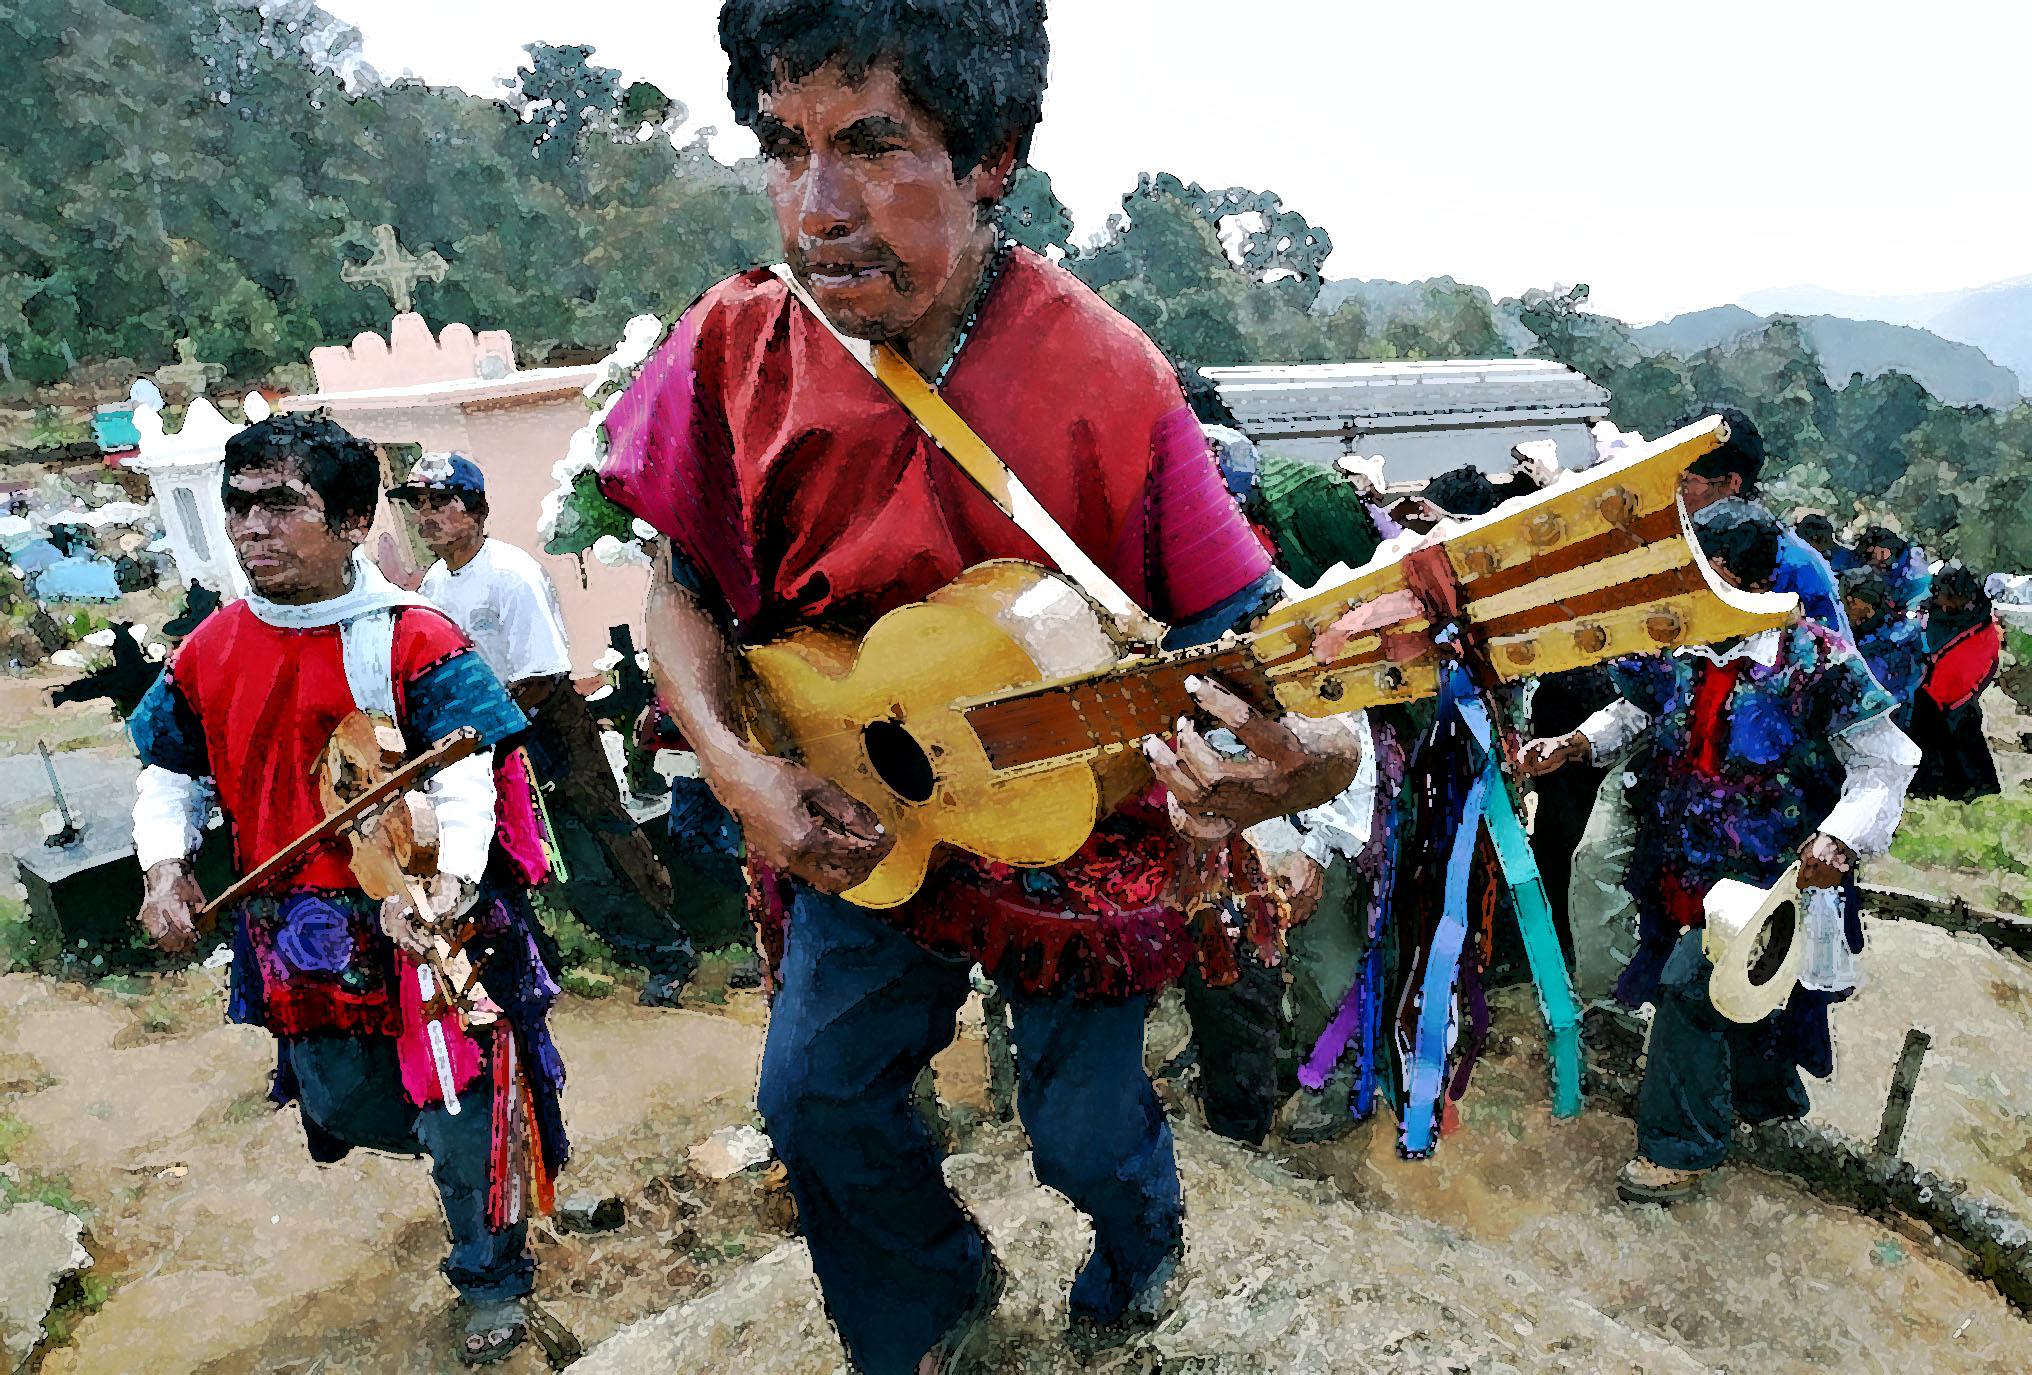 Muerto en Zinacantan, 2003